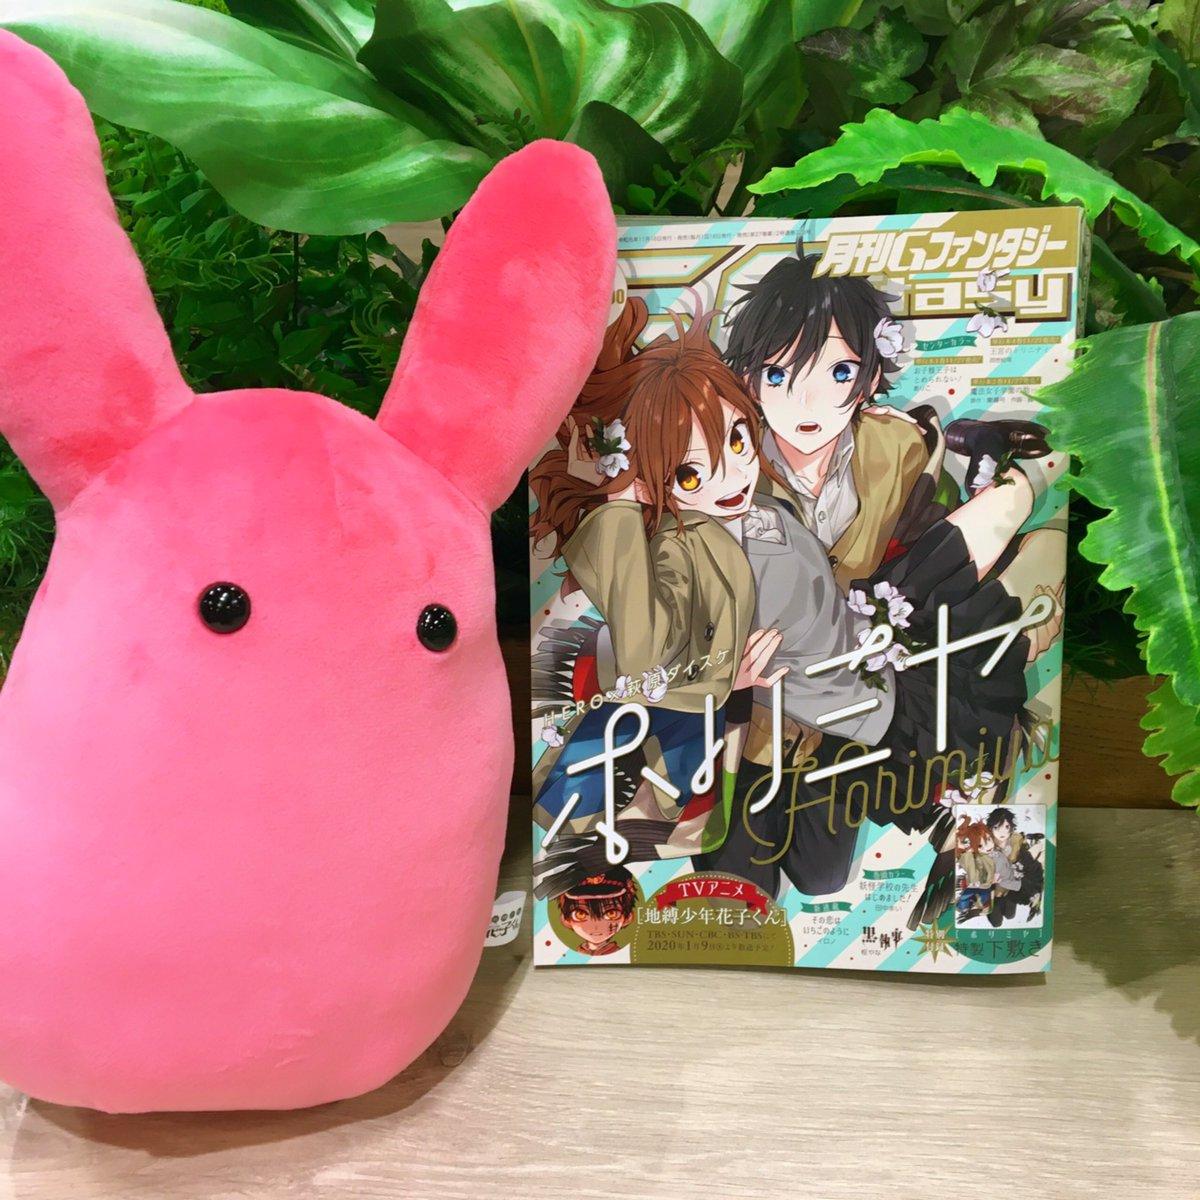 【原作情報】本日はGファンタジー12月号の発売日!✨アニメ情報や12/27に発売されるコミックス12巻情報、画集や0巻のニュースなど、情報盛りだくさんでお届けします⭐️ぜひご覧ください😊#花子くん #花子くんアニメ